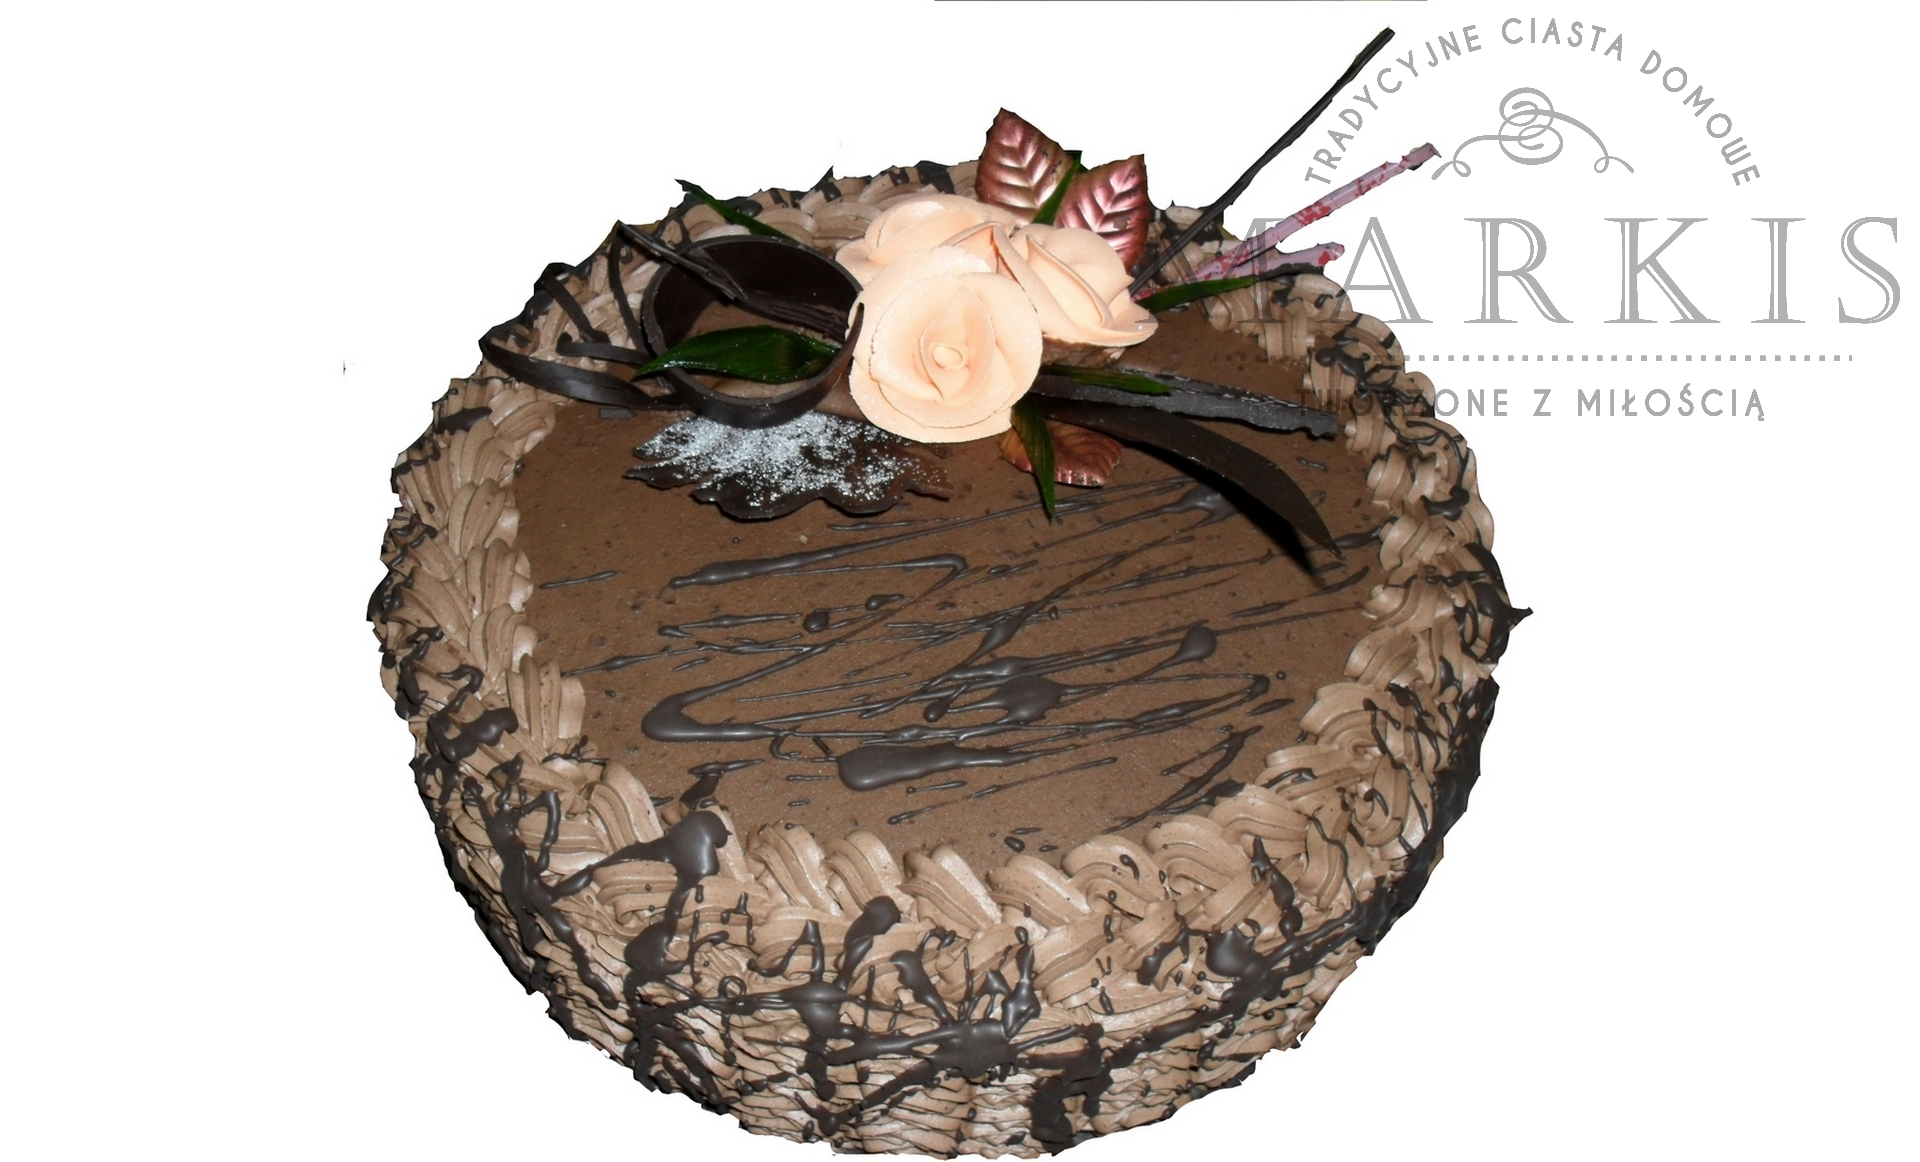 Tort 44